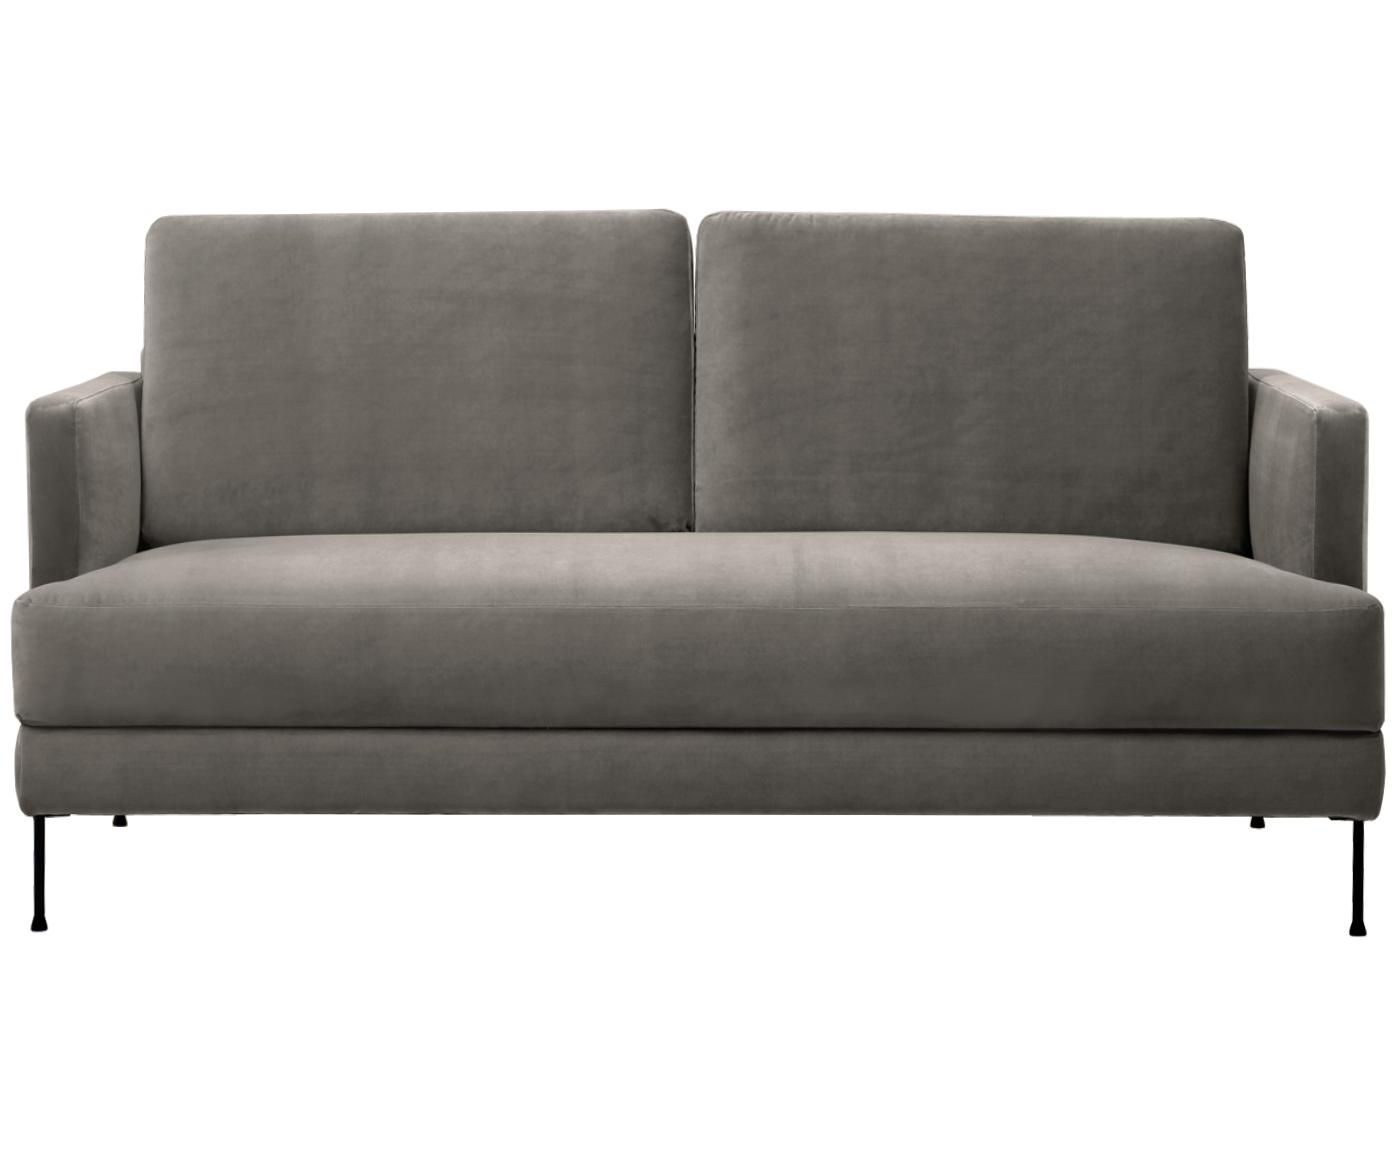 Sofa z aksamitu Fluente (2-osobowa), Tapicerka: aksamit (wysokiej jakości, Stelaż: lite drewno sosnowe, Nogi: metal lakierowany, Aksamitny szarobrązowy, S 168 x G 83 cm